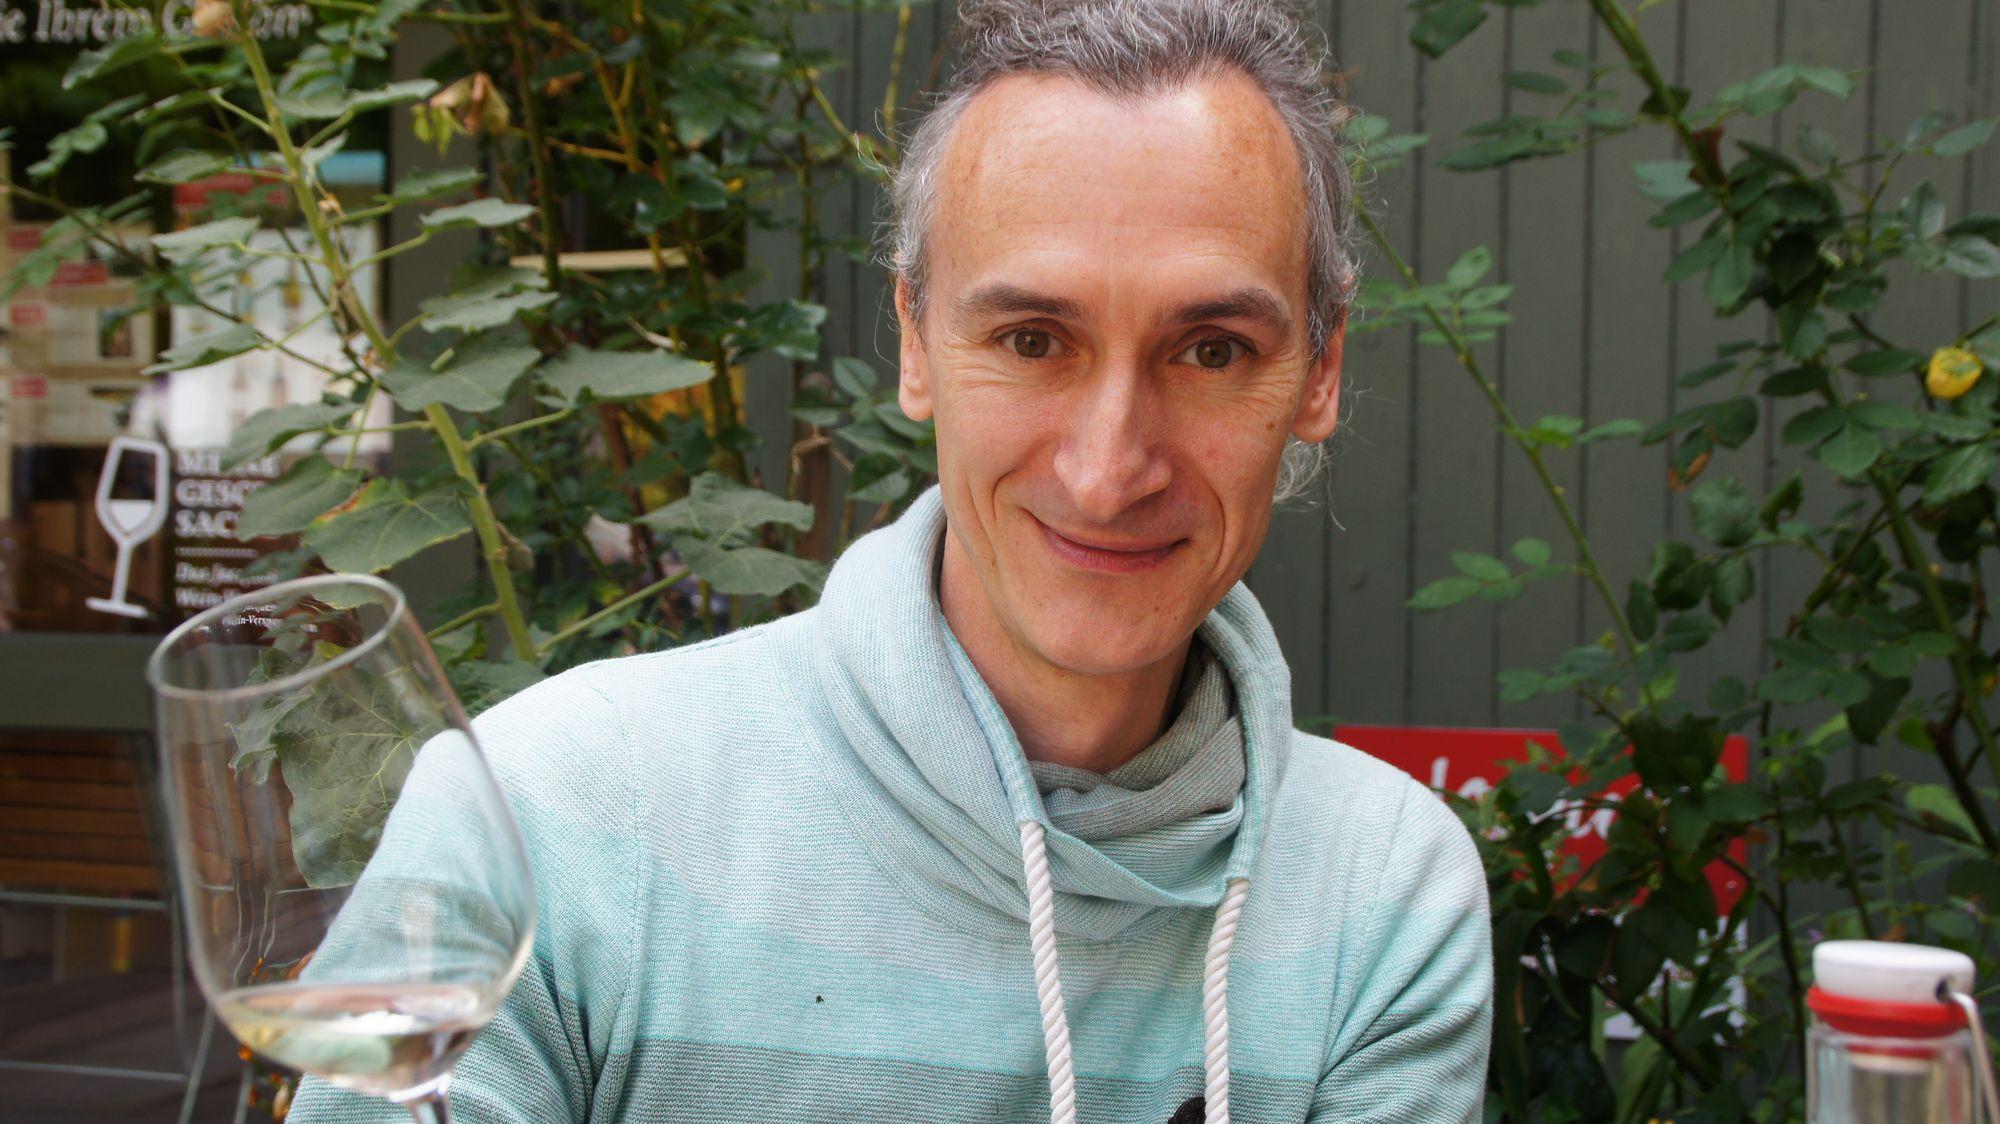 Depotleiter Martin Wels serviert am Freitag Wein passend zu Musik